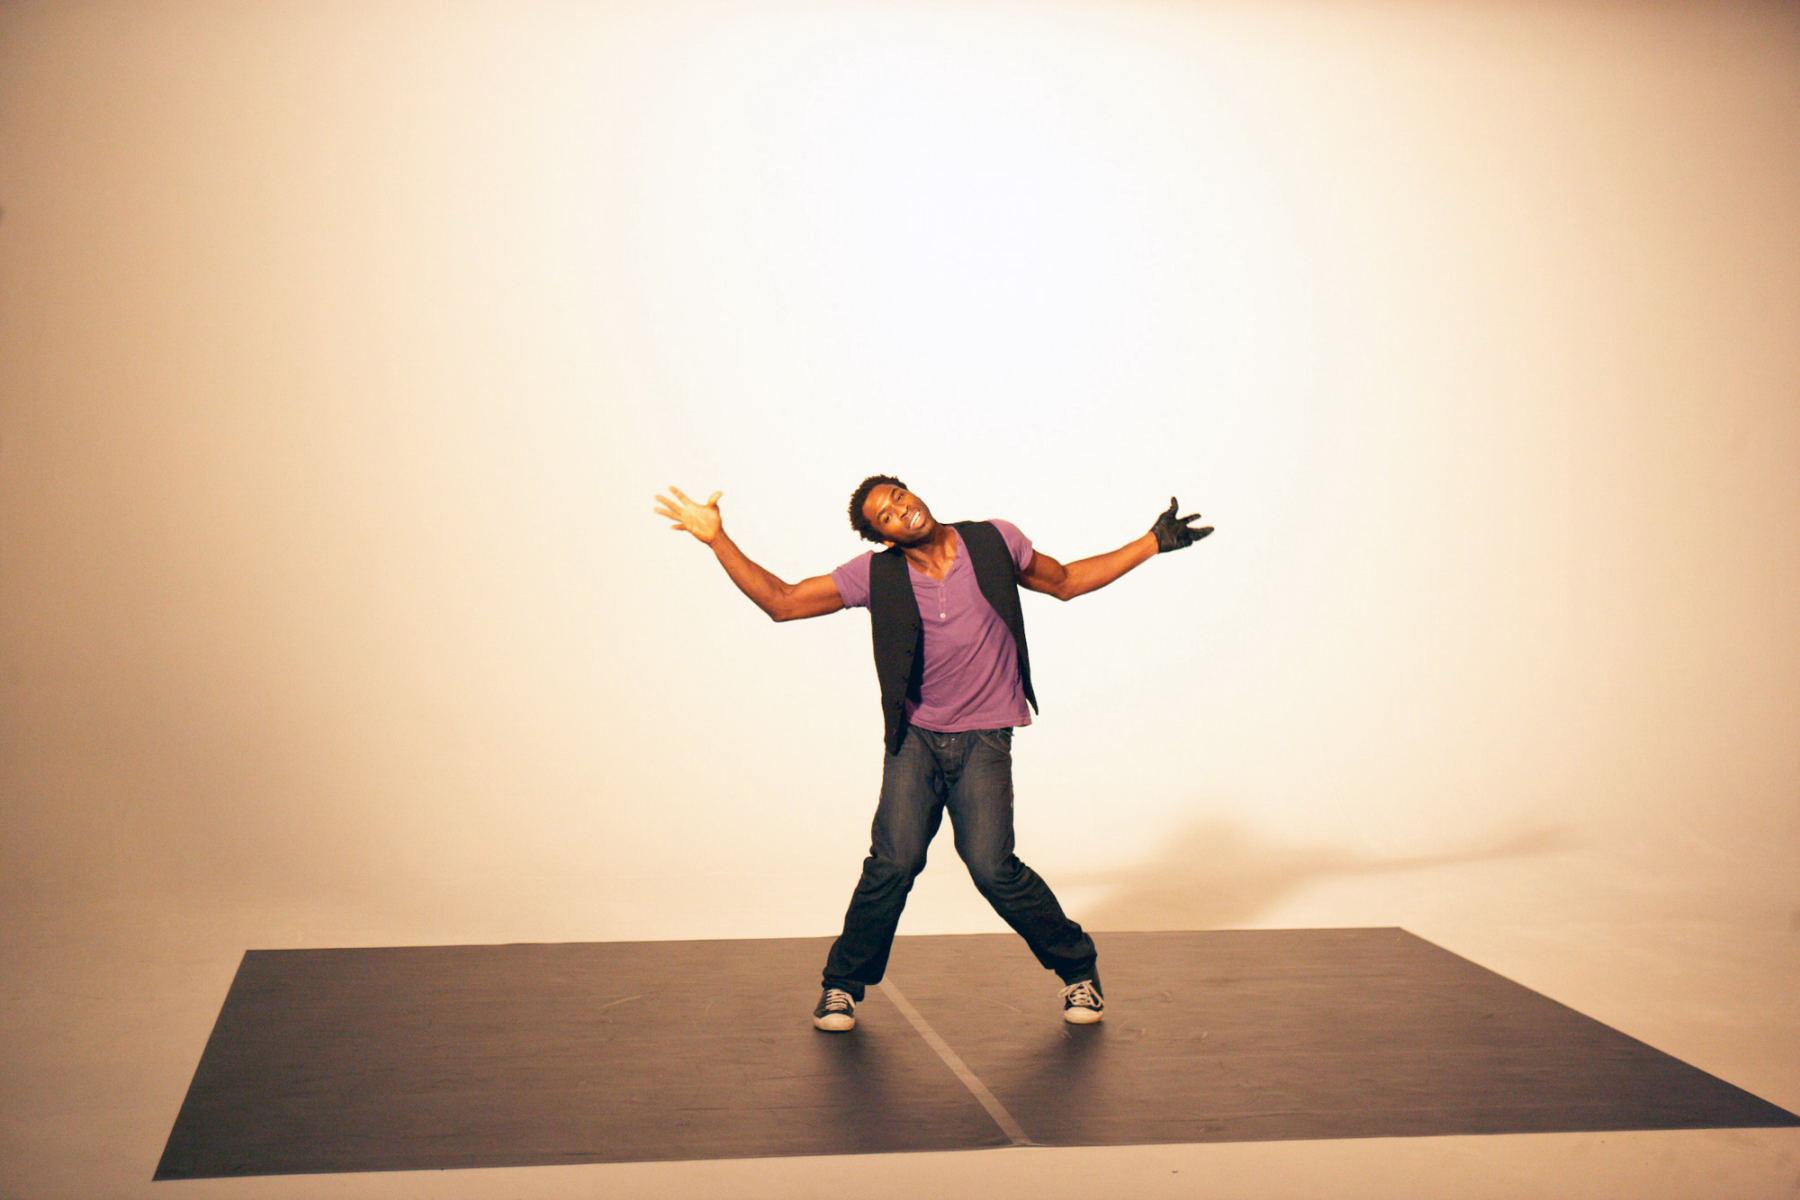 Ein Mann mit einem violetten Oberteil und einer schwarzen Hose tanzt in einem Studio. Die Bilder wurden für ein freies Filmprojekt im Studio Saibou in Köln aufgenommen.